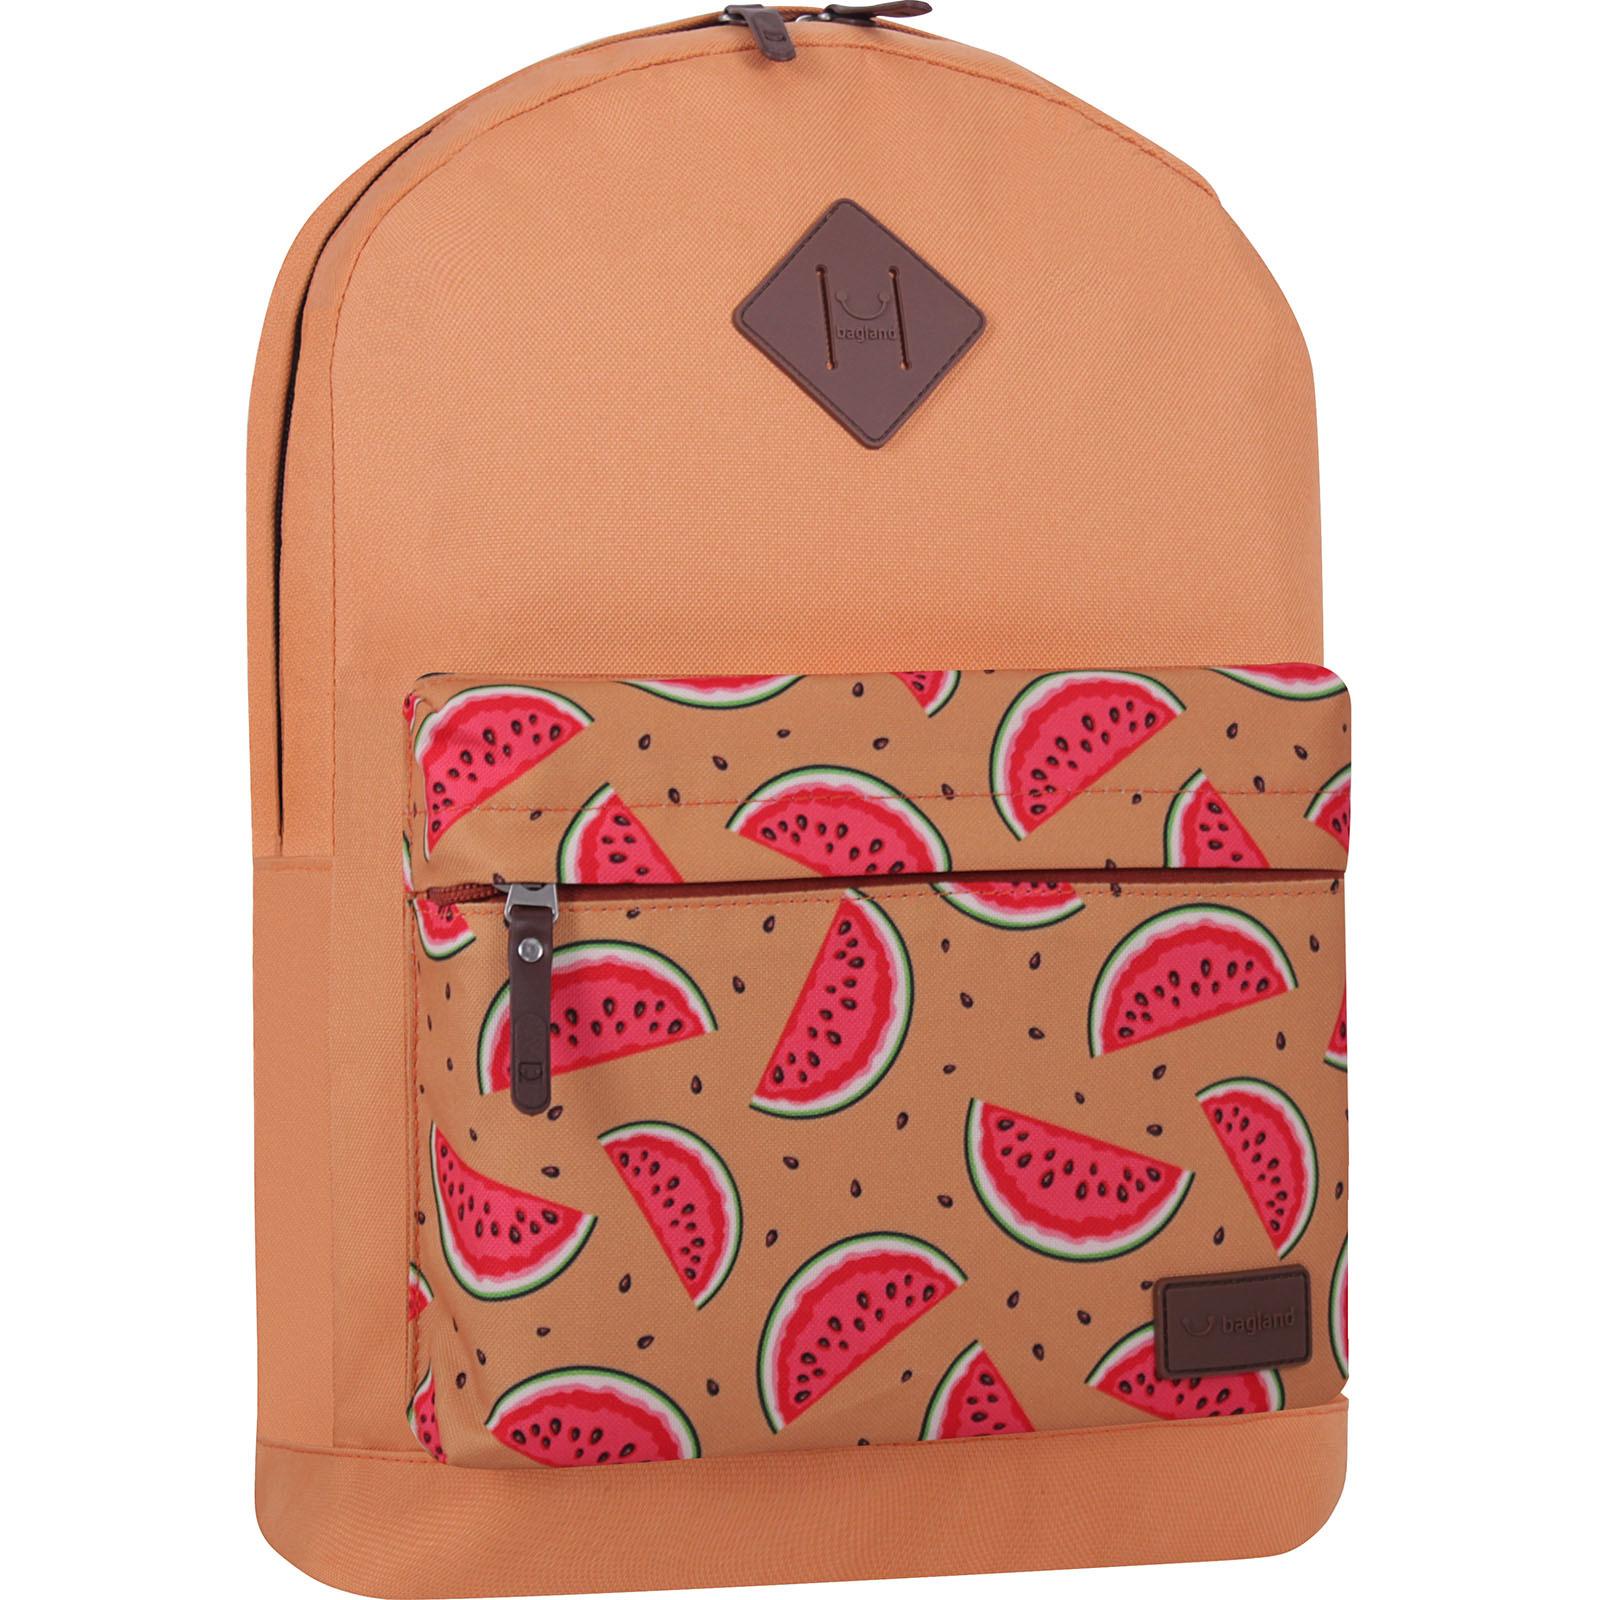 Городские рюкзаки Рюкзак Bagland Молодежный W/R 17 л. Рыжий 736 (00533662) IMG_7344_суб736_-1600.jpg